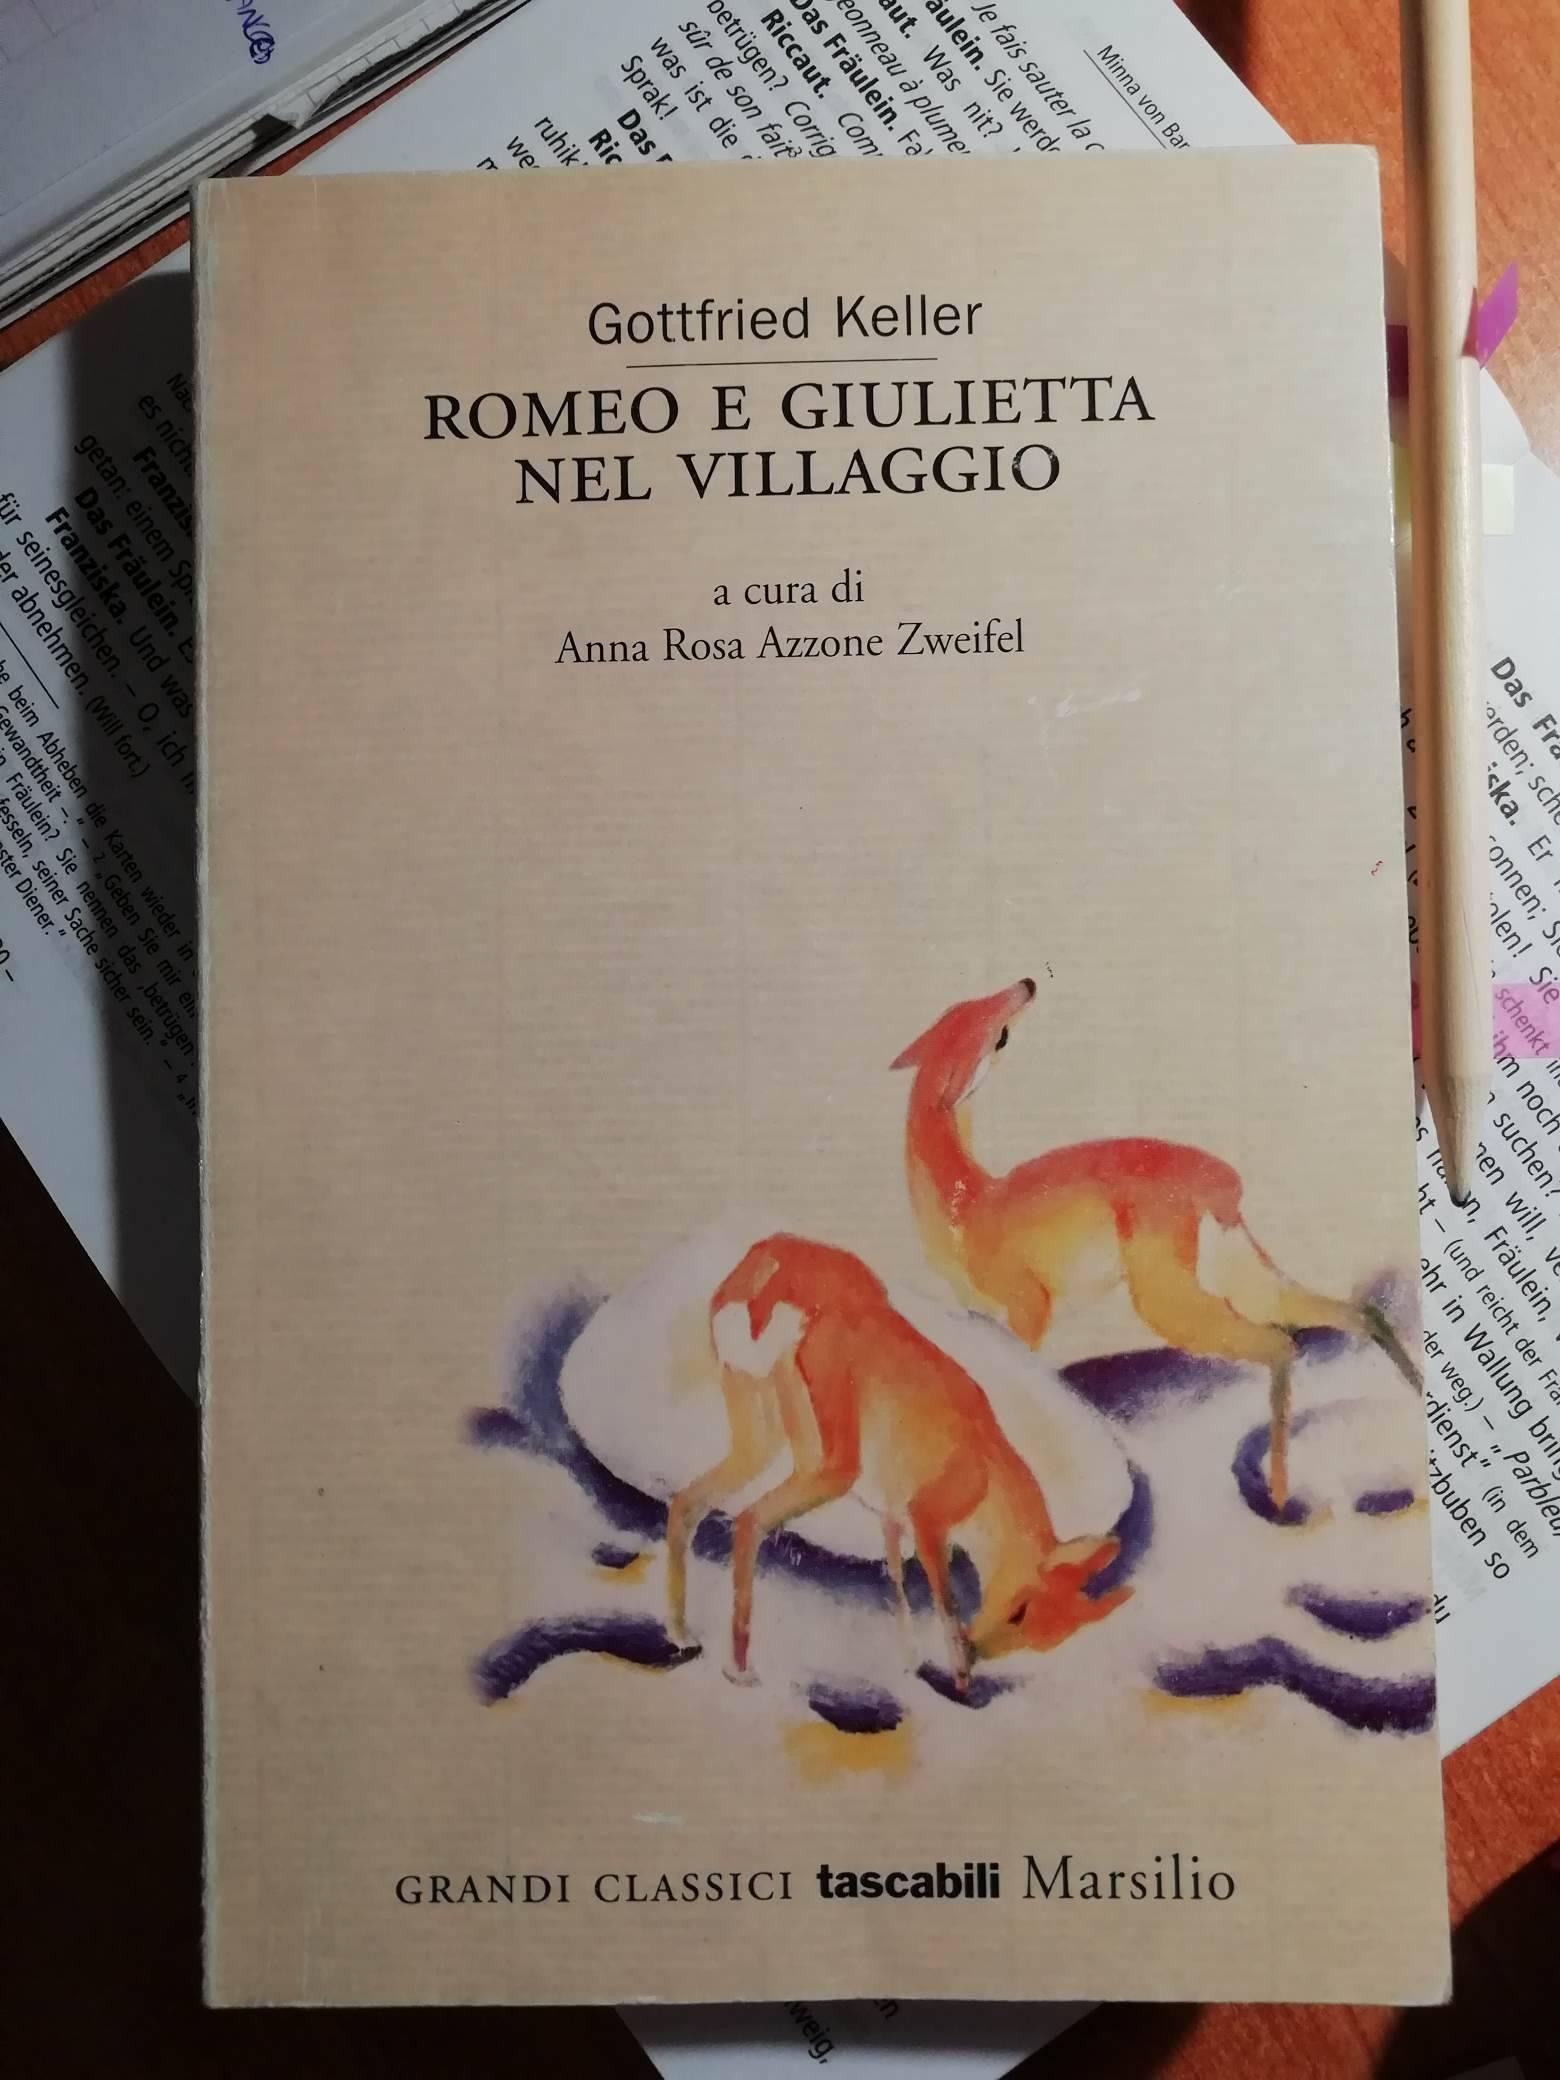 Romeo e Giulietta nel villaggio Book Cover